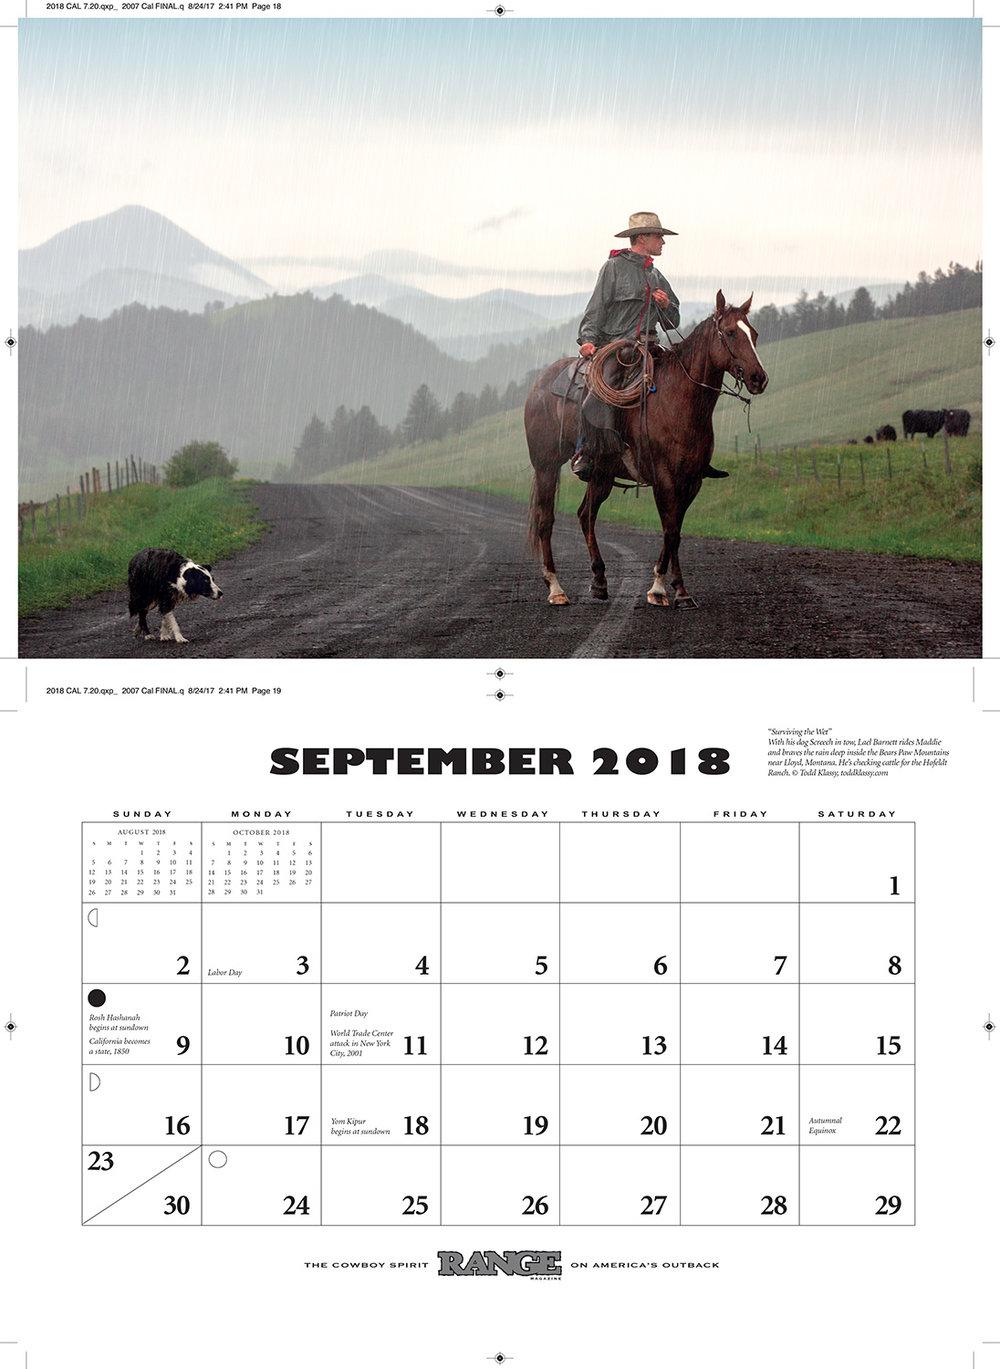 Range-Magazine-2018-Calendar-September-20170824-Small.jpg